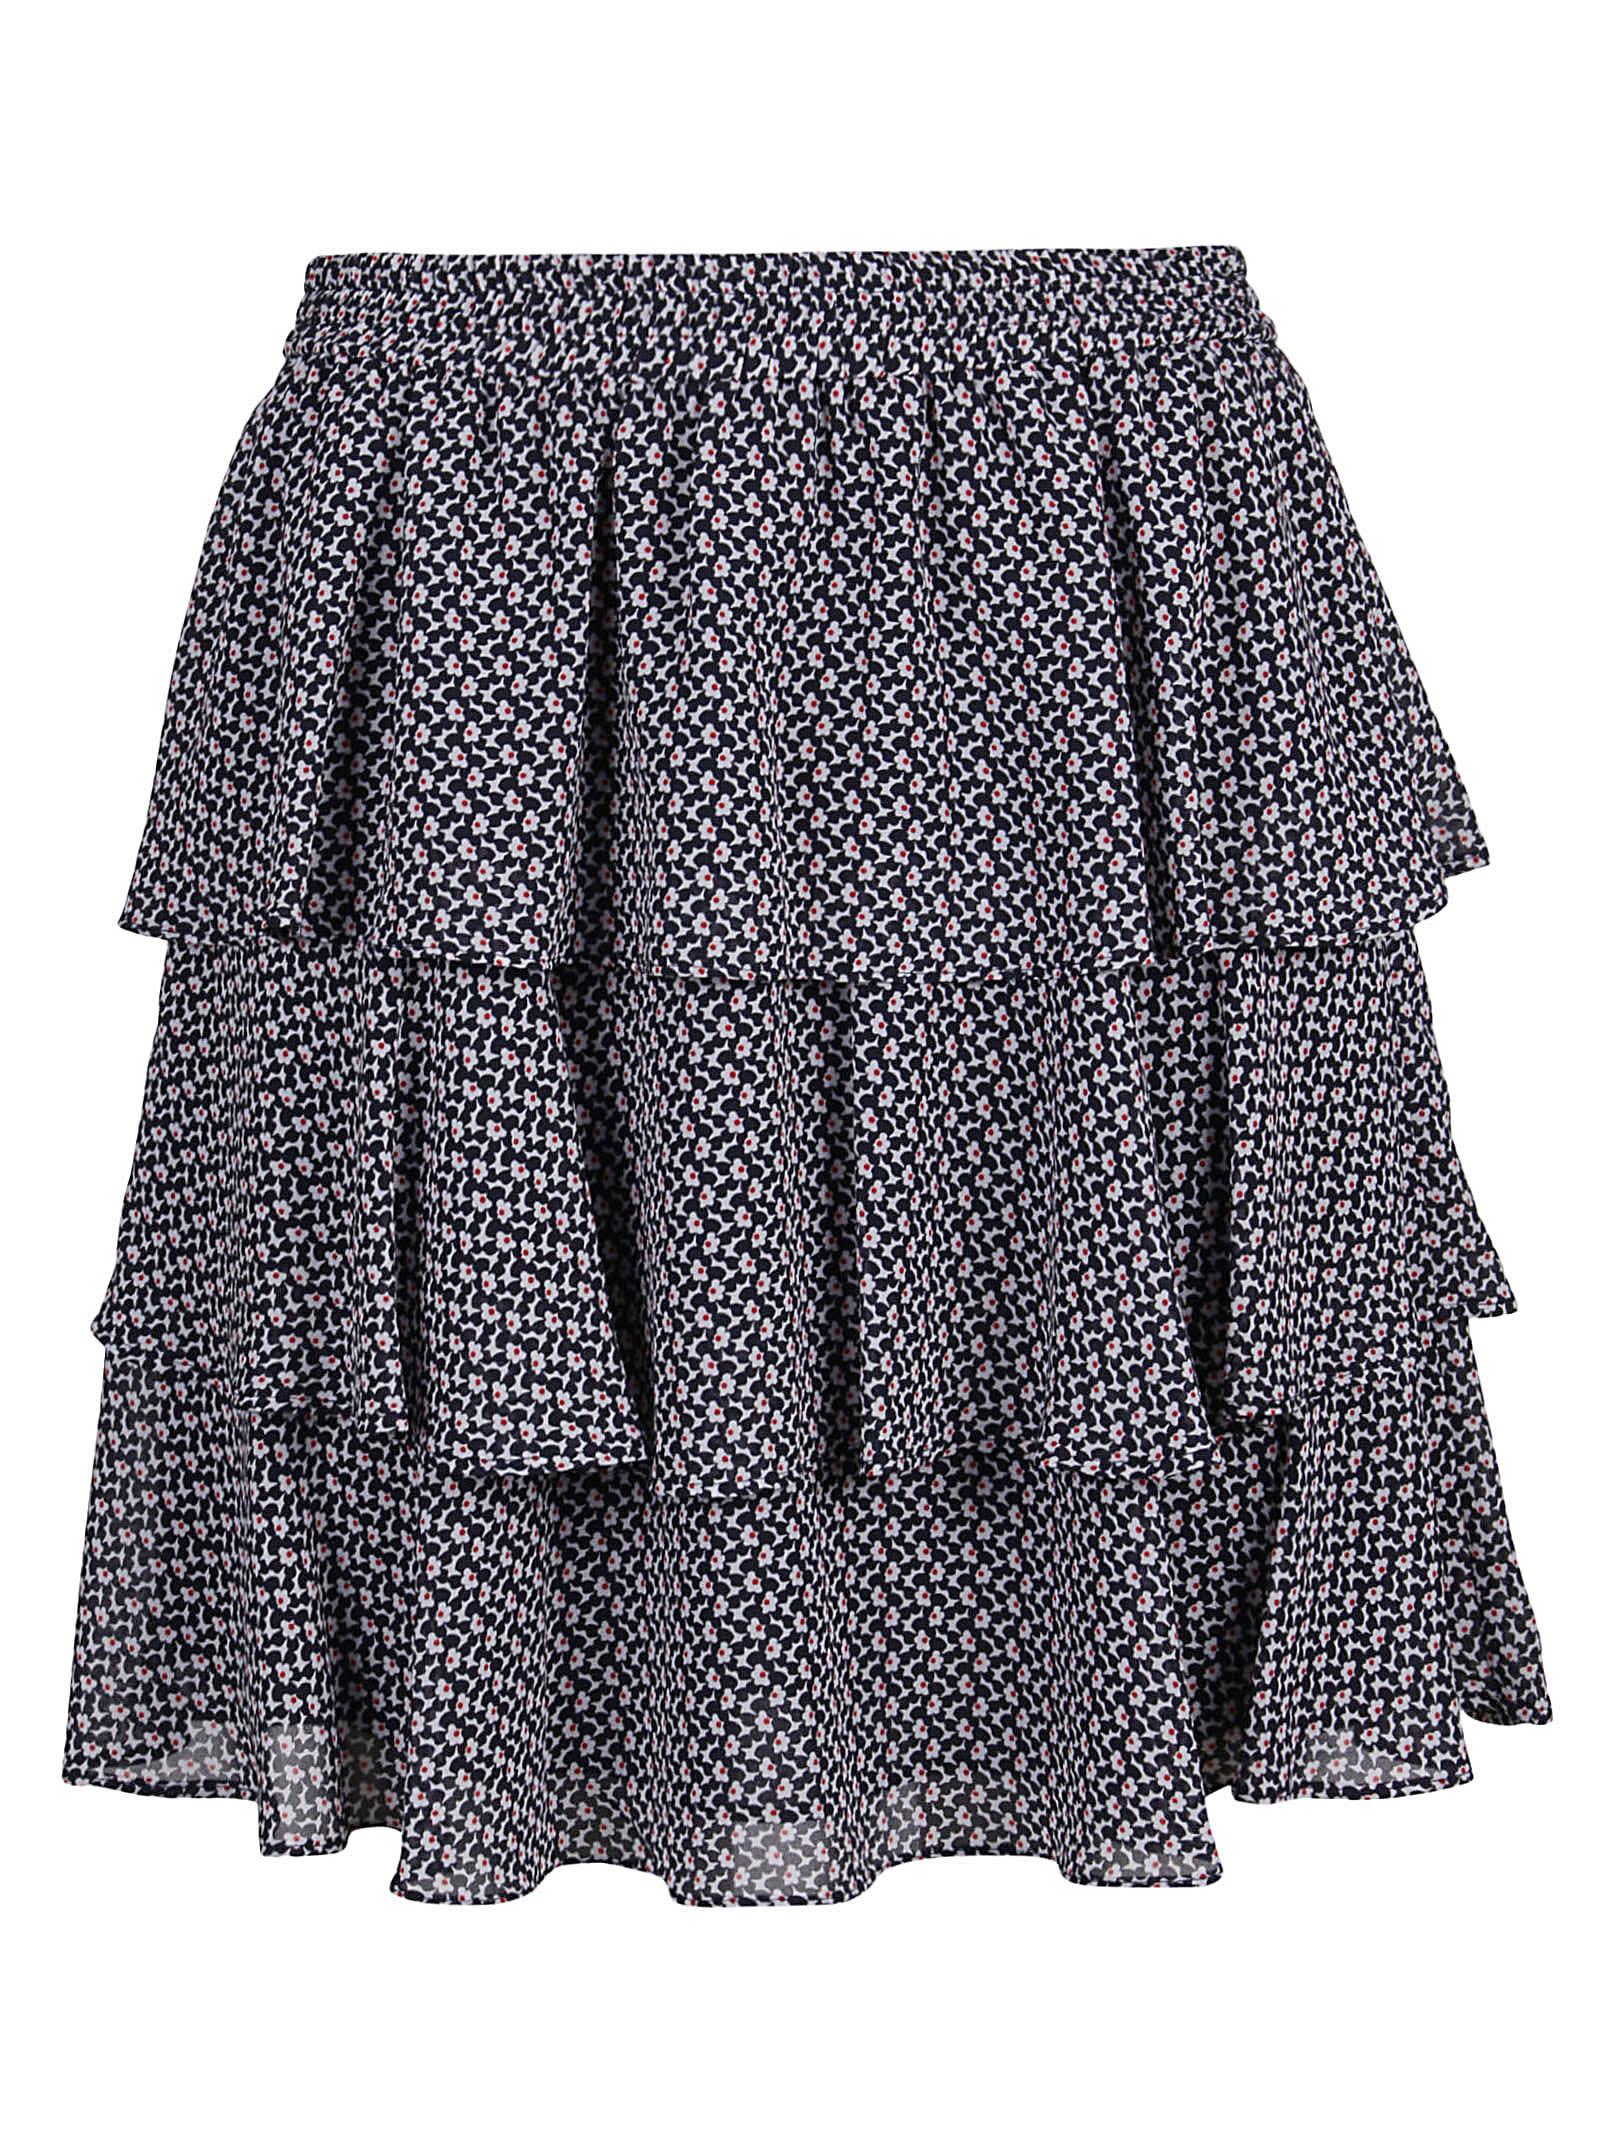 Michael Kors Skirt Mini Floreal